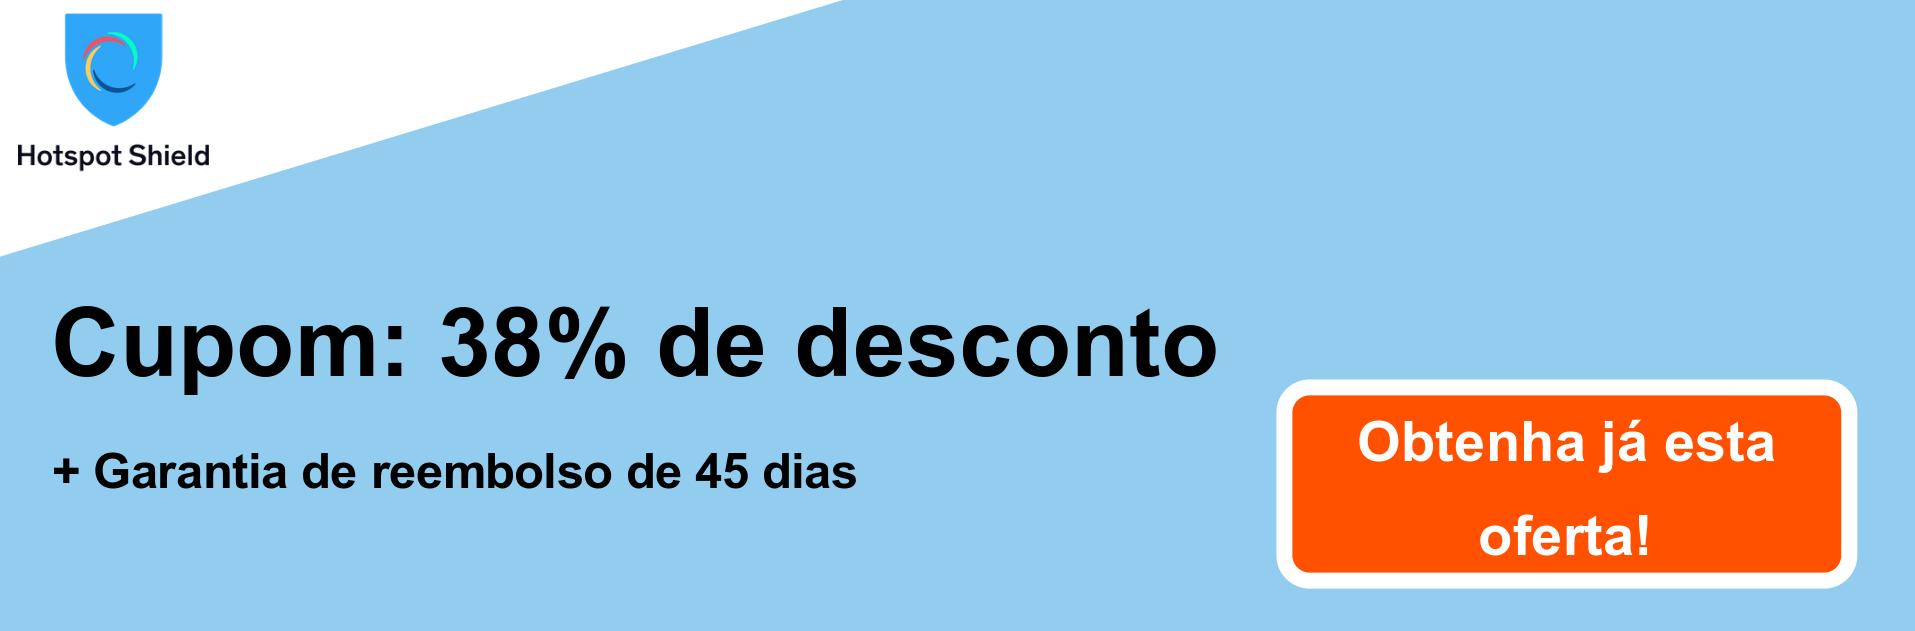 Banner de cupom do HotspotShield VPN - 38% de desconto